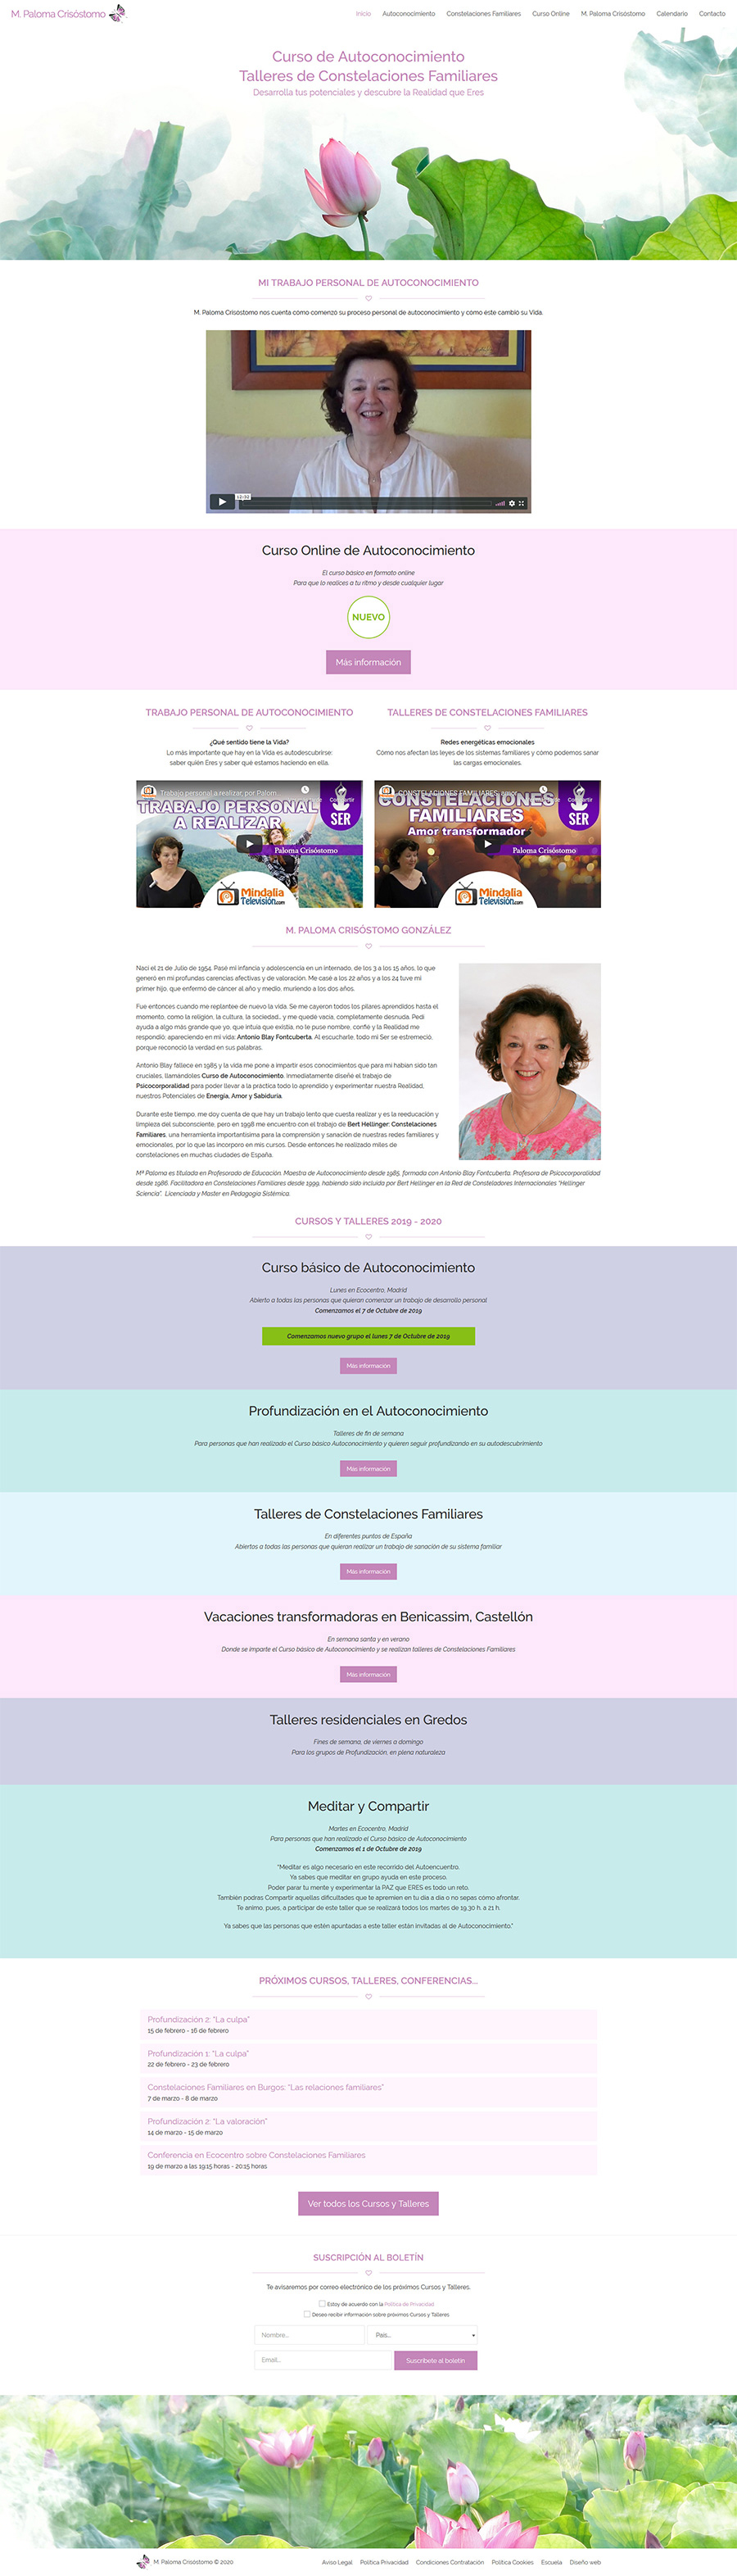 Paloma Crisóstomo - Cursos de Autoconocimiento